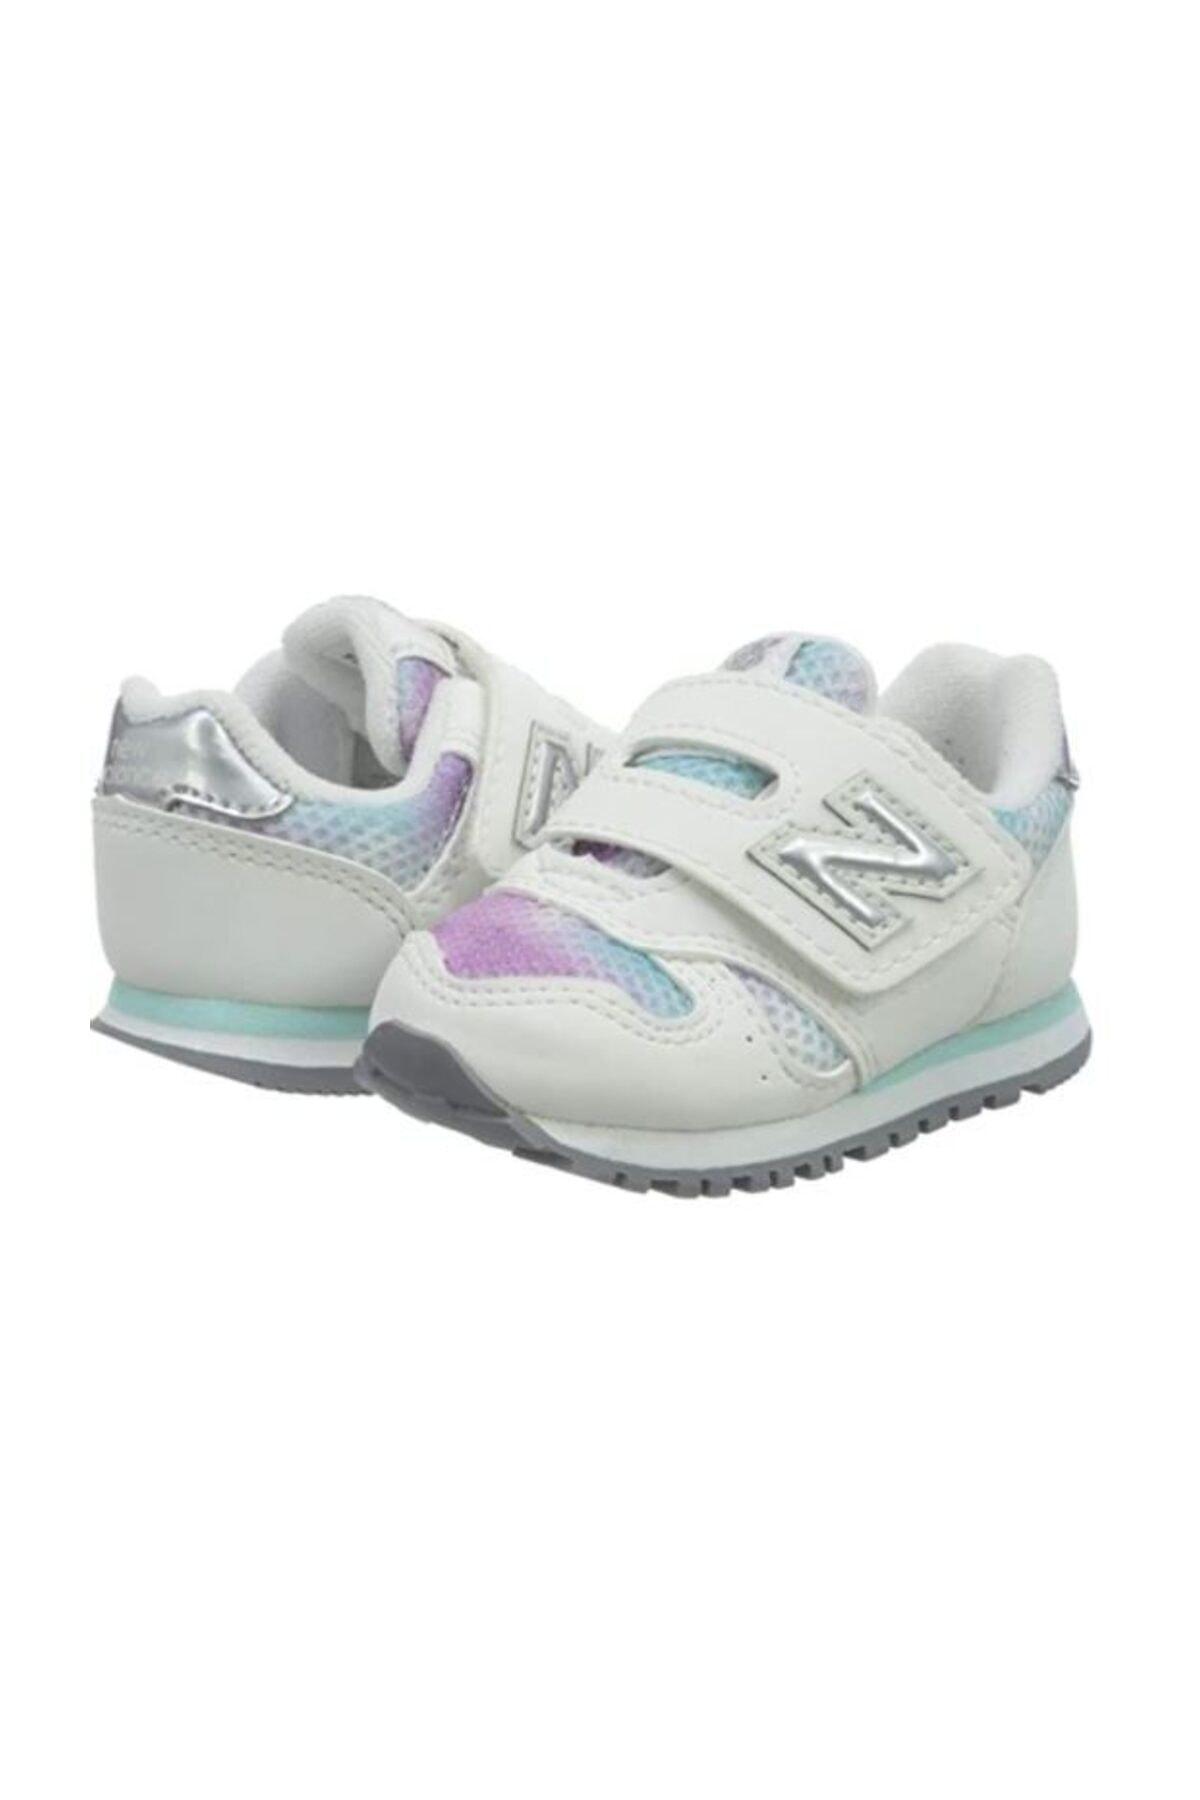 New Balance NB Lifestyle Infant Shoes 1